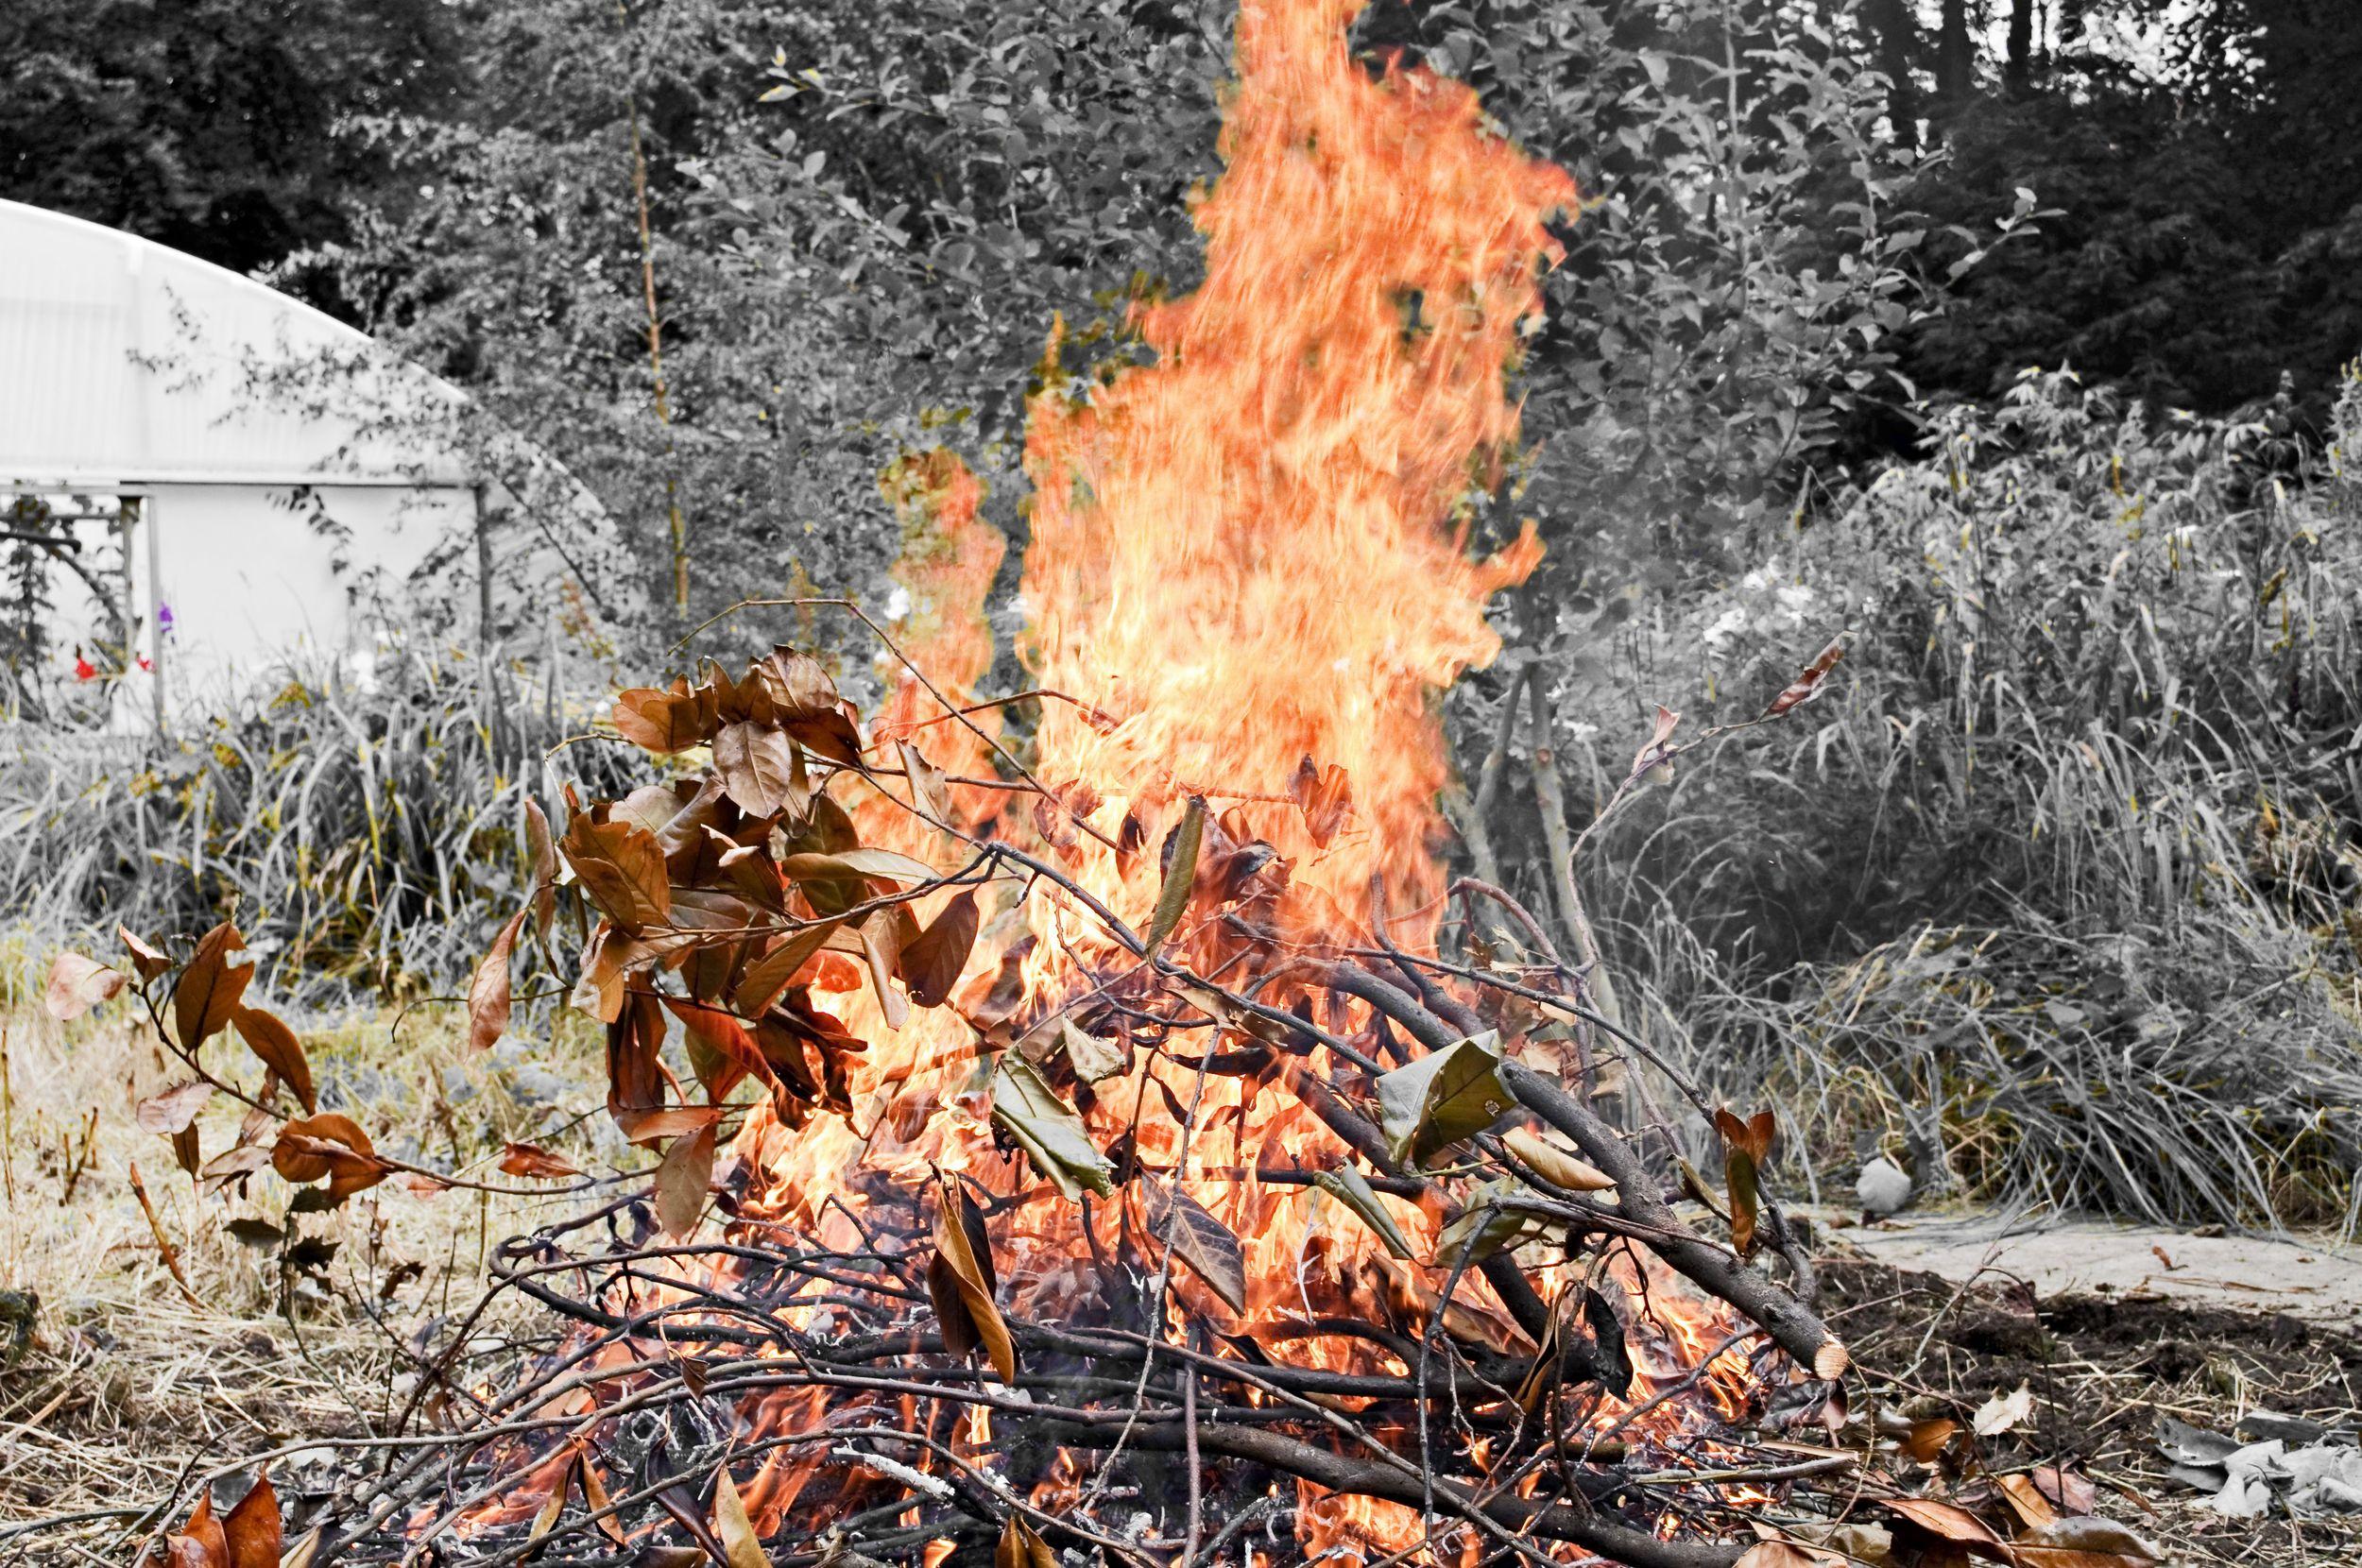 One of several bonfires